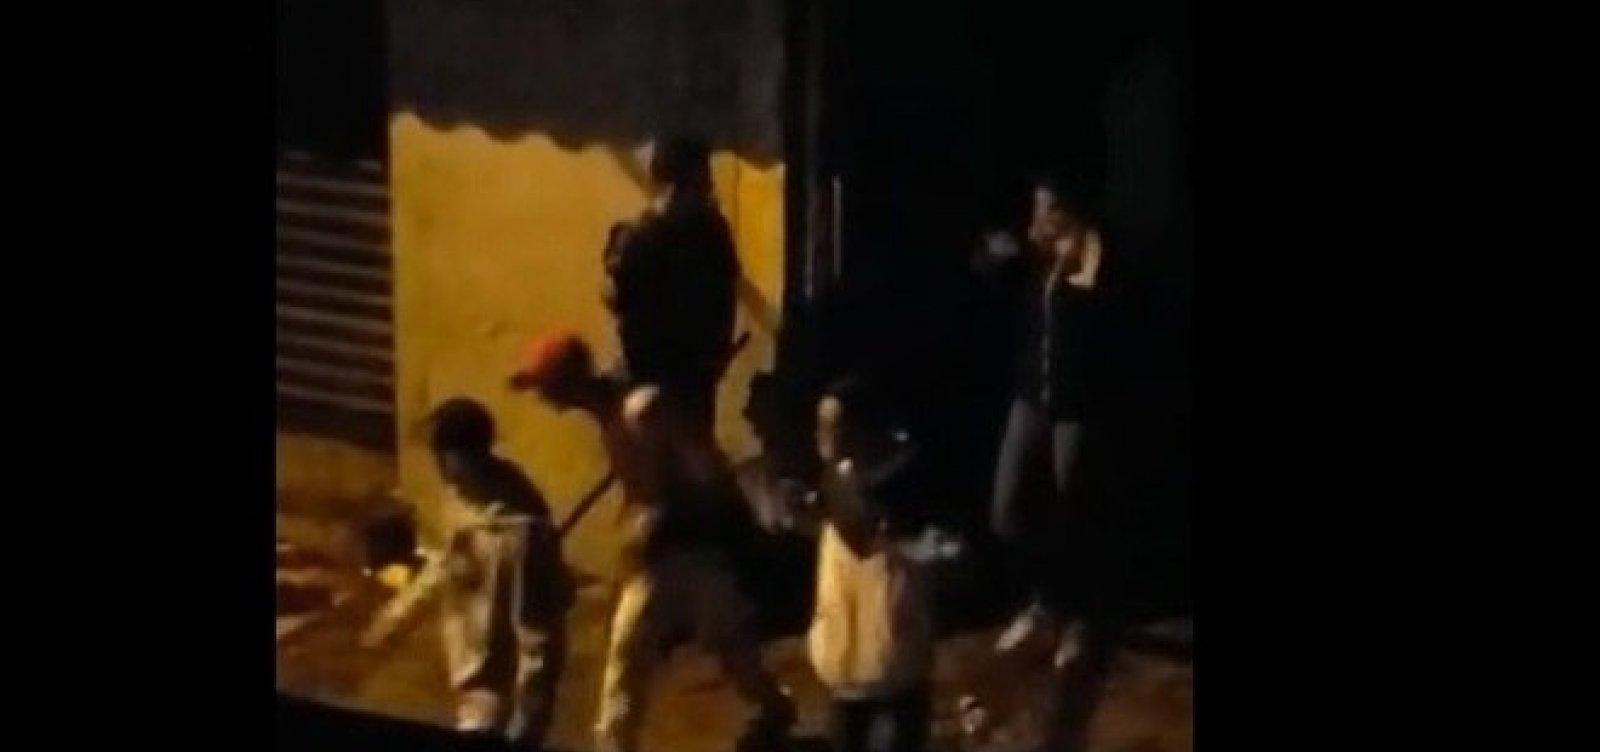 [Bombeiro cancelou Samu em Paraisópolis alegando atendimento da PM, diz TV]